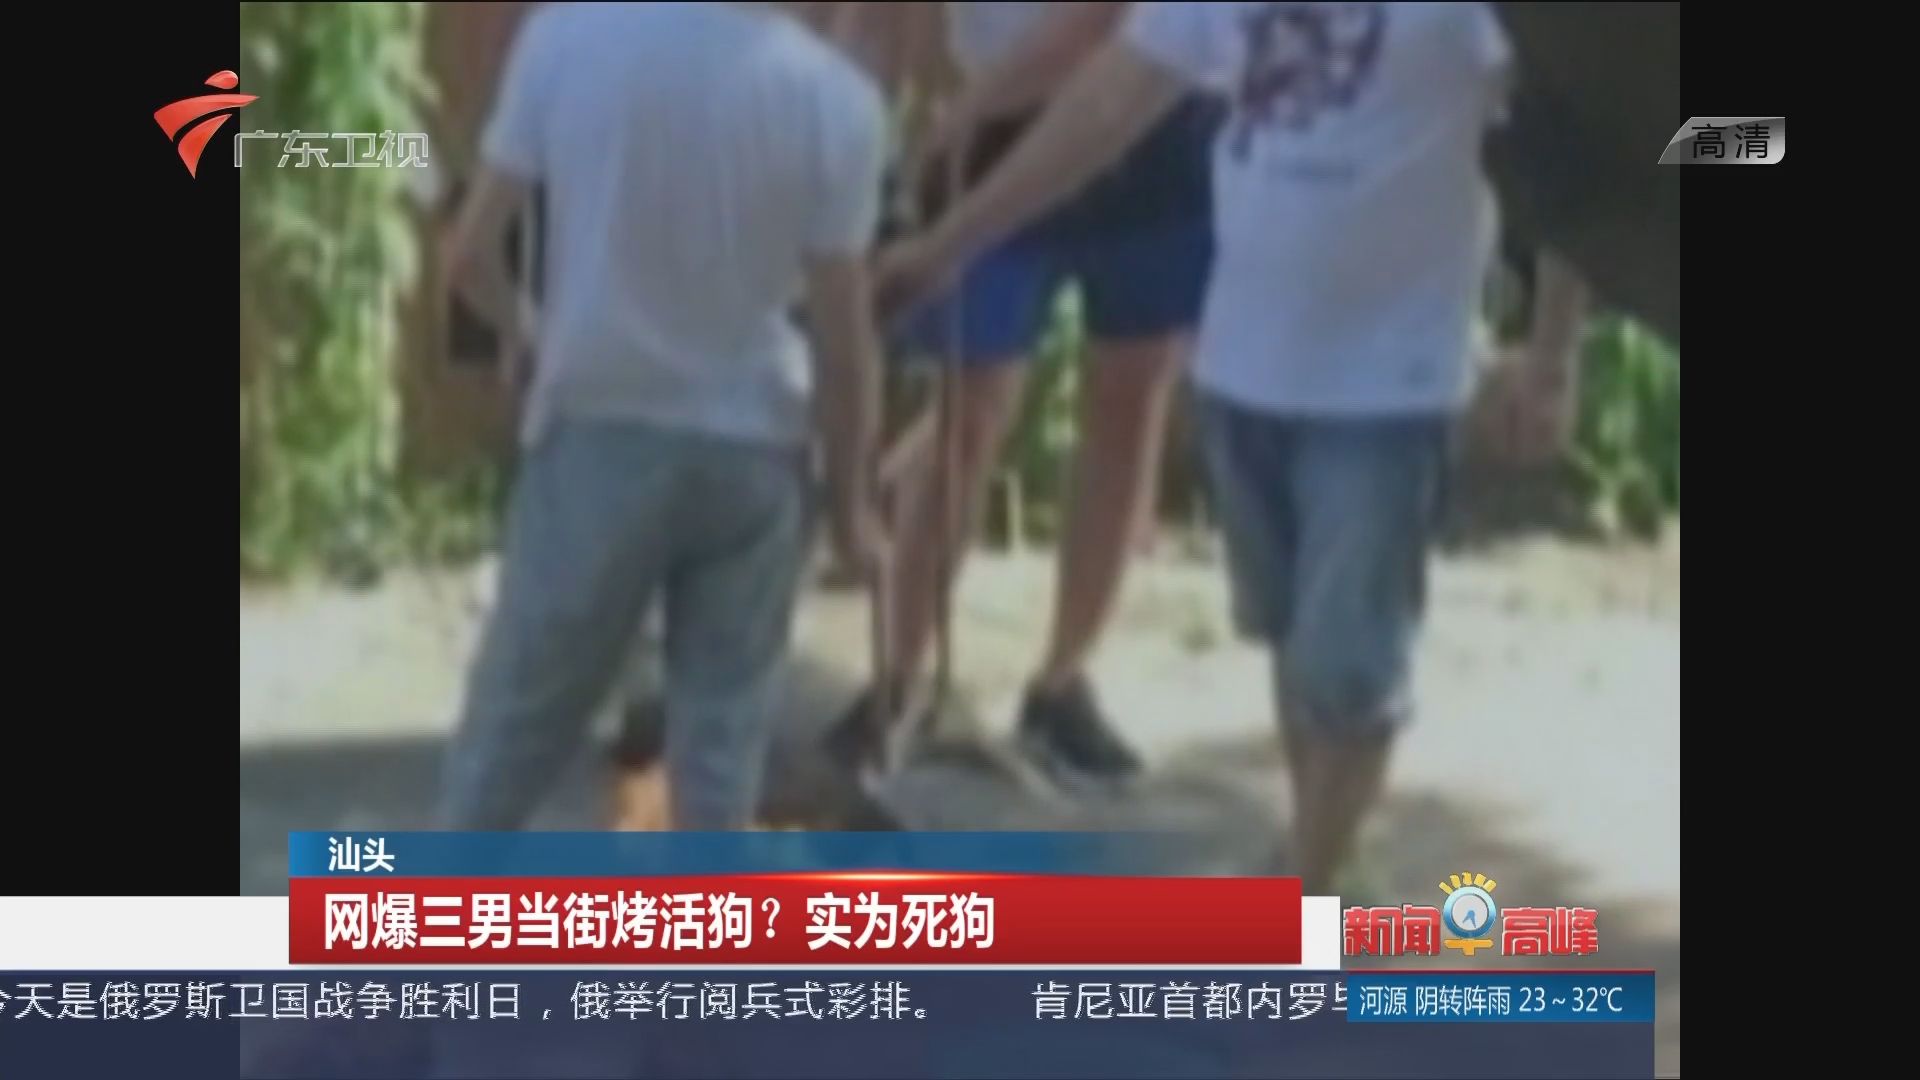 汕头:网爆三男当街烤活狗?实为死狗